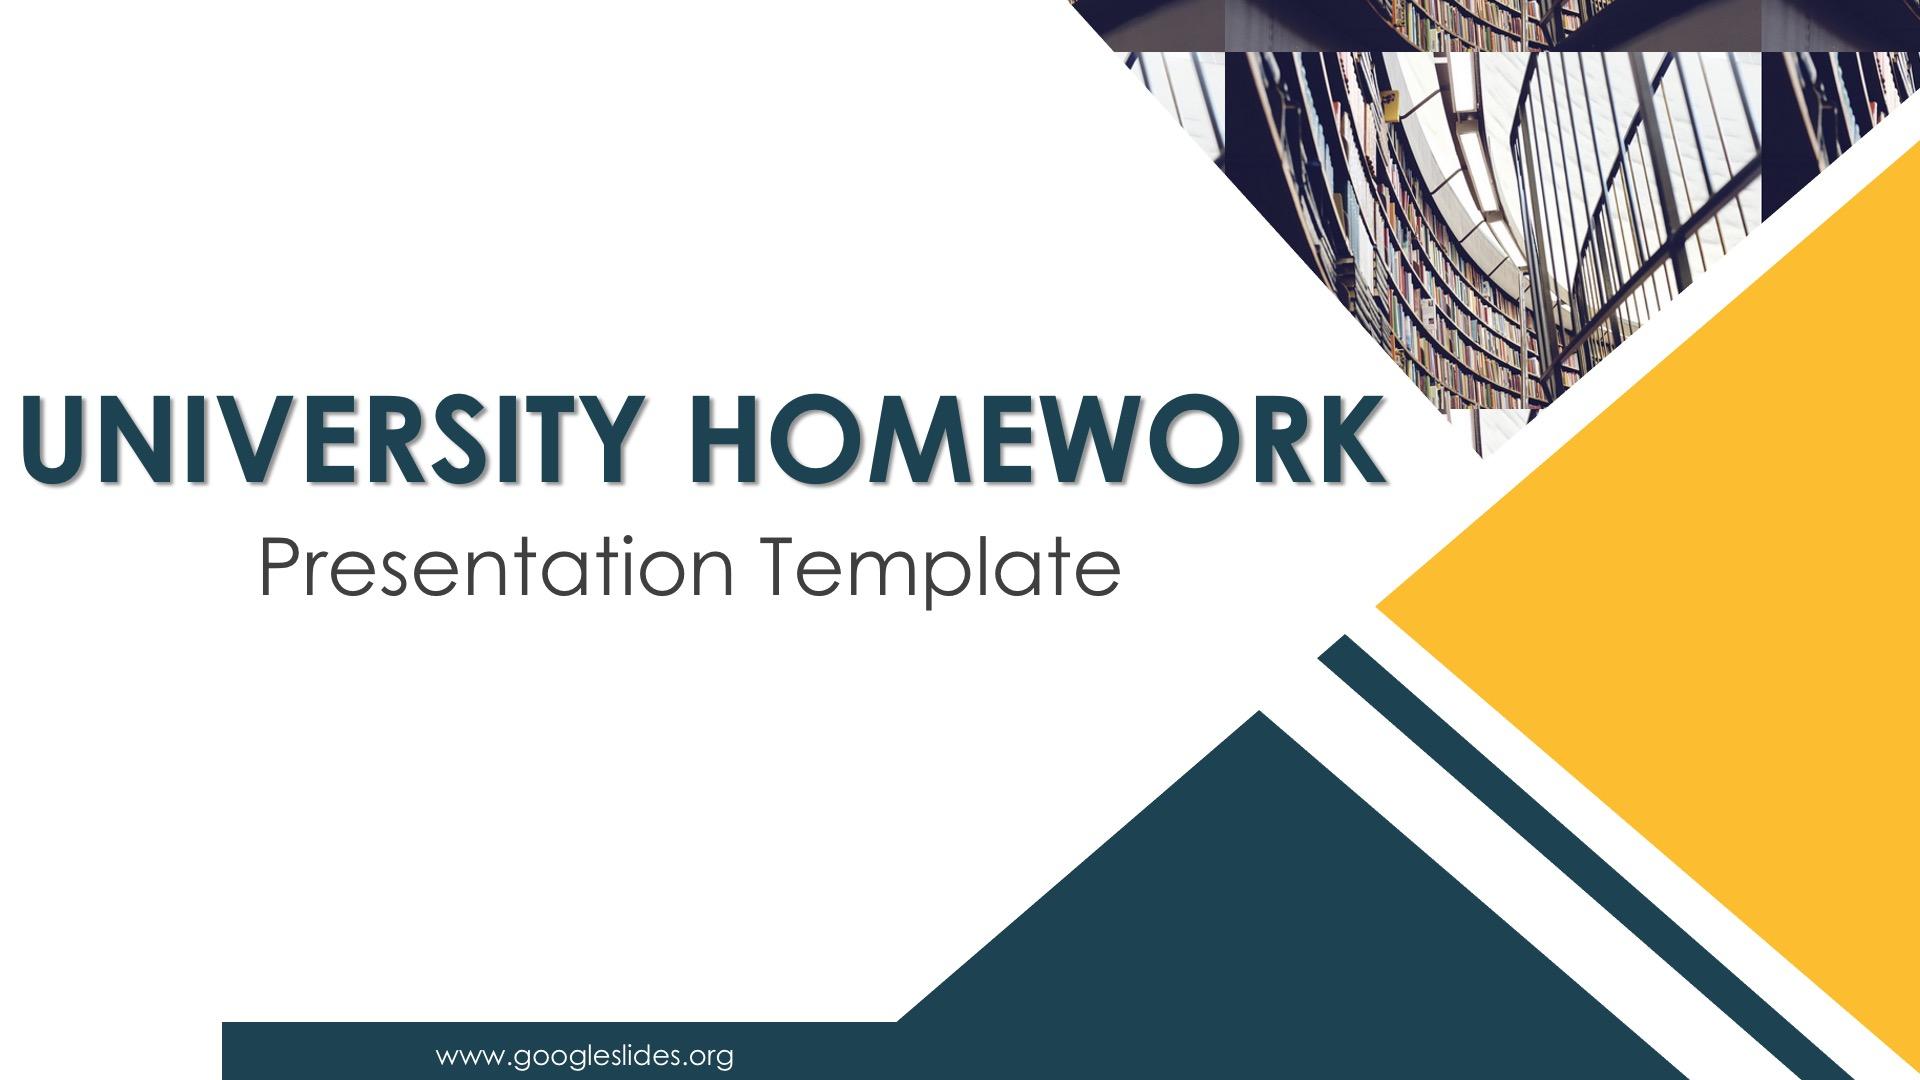 University Homework PPT Slides